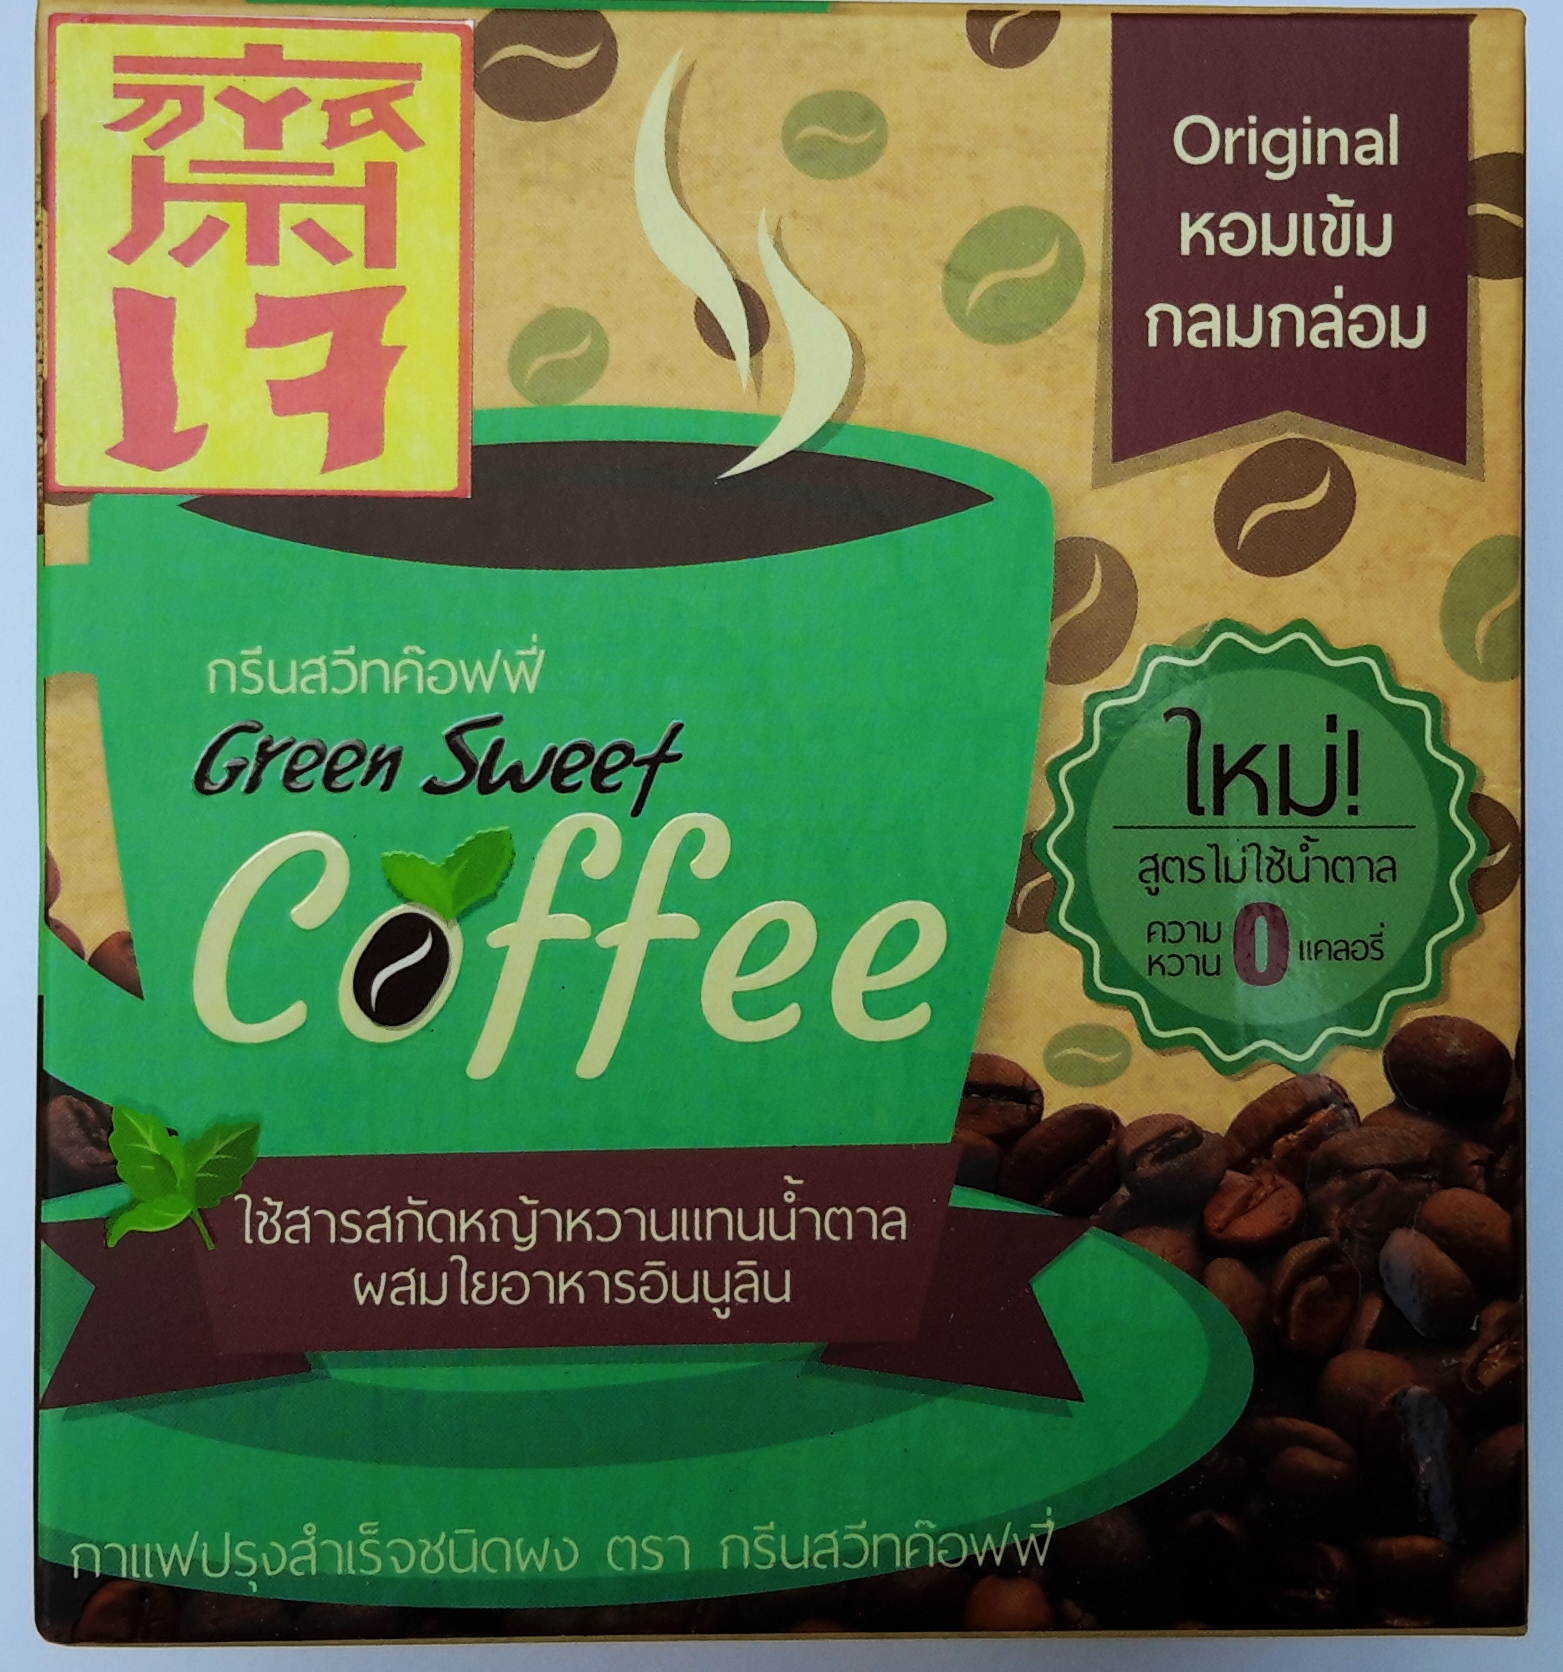 กาแฟเพื่อสุขภาพ กรีนสวีทค๊อฟฟี Green Sweet Coffee